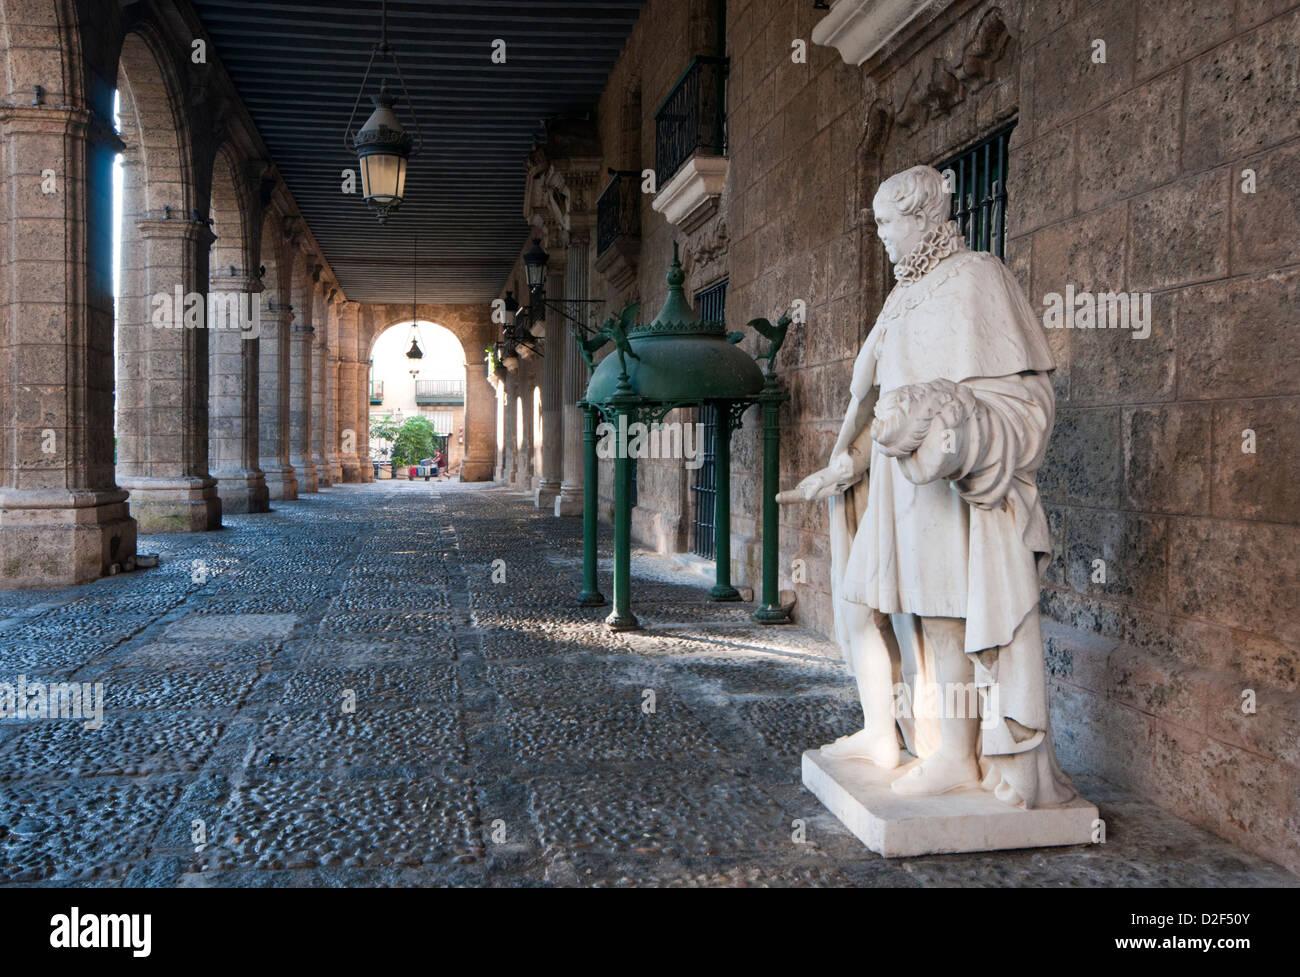 Bajo los arcos del Palacio de los Capitanes Generales, la Plaza de Armas, La Habana Vieja, La Habana, Cuba, El Caribe Imagen De Stock